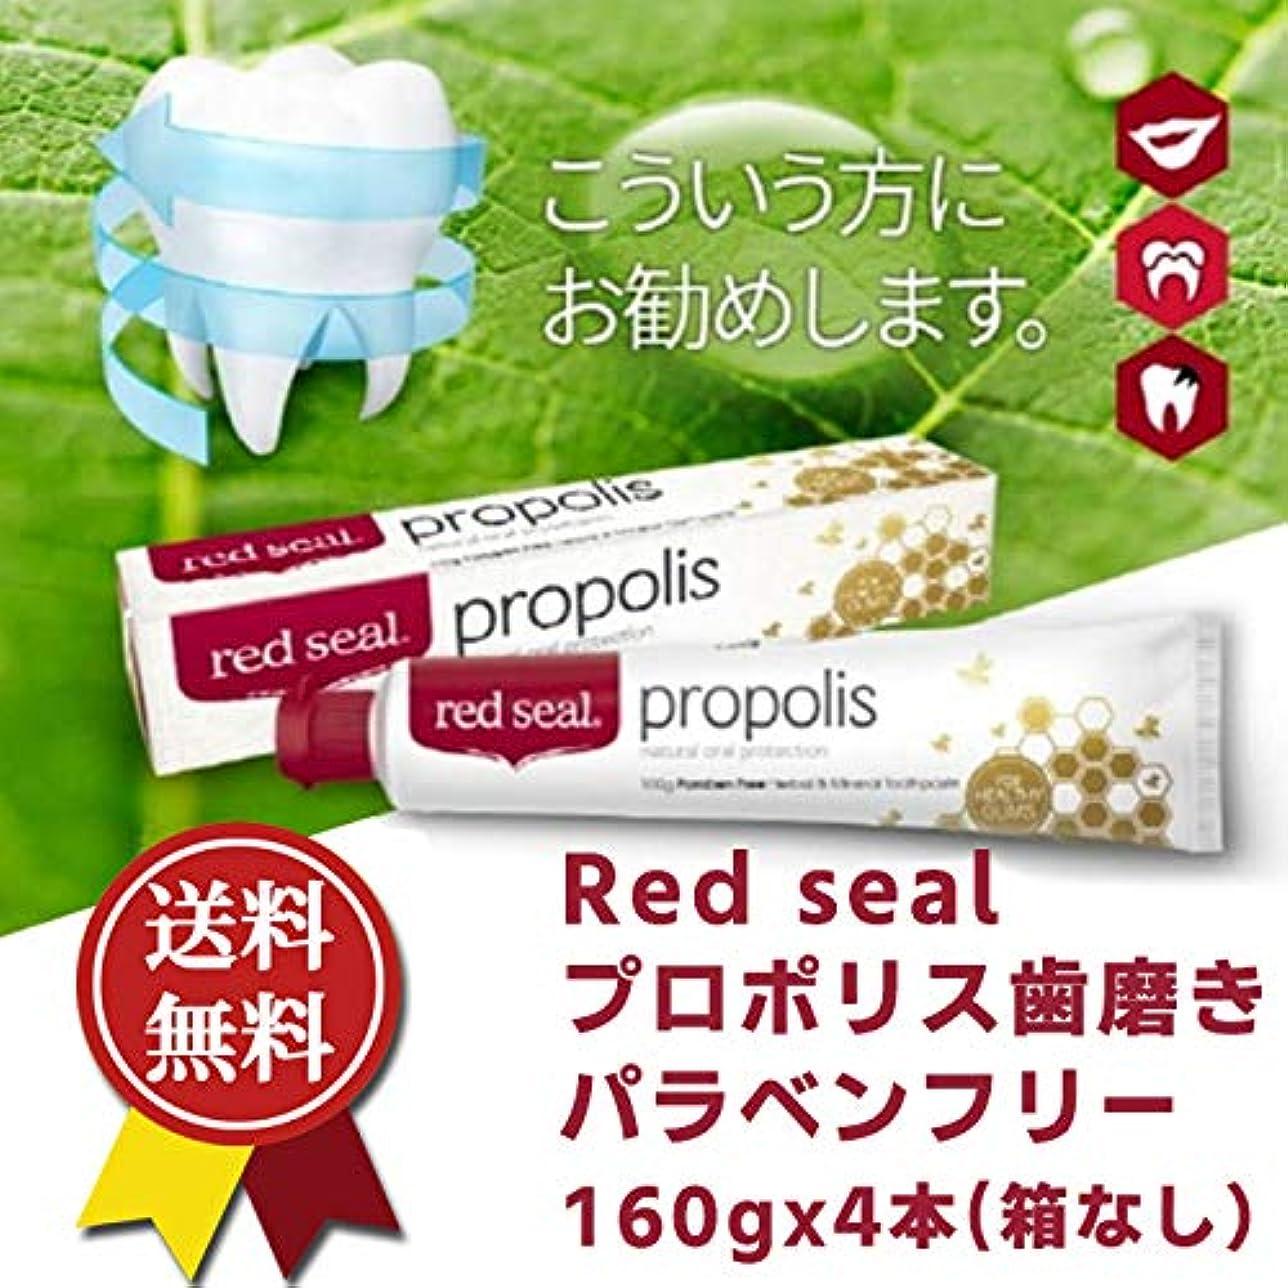 ご意見メイト崇拝する★送料無料★red seal レッドシール プロポリス 歯磨き粉160gx4本 RED SEAL Propolis Toothpaste